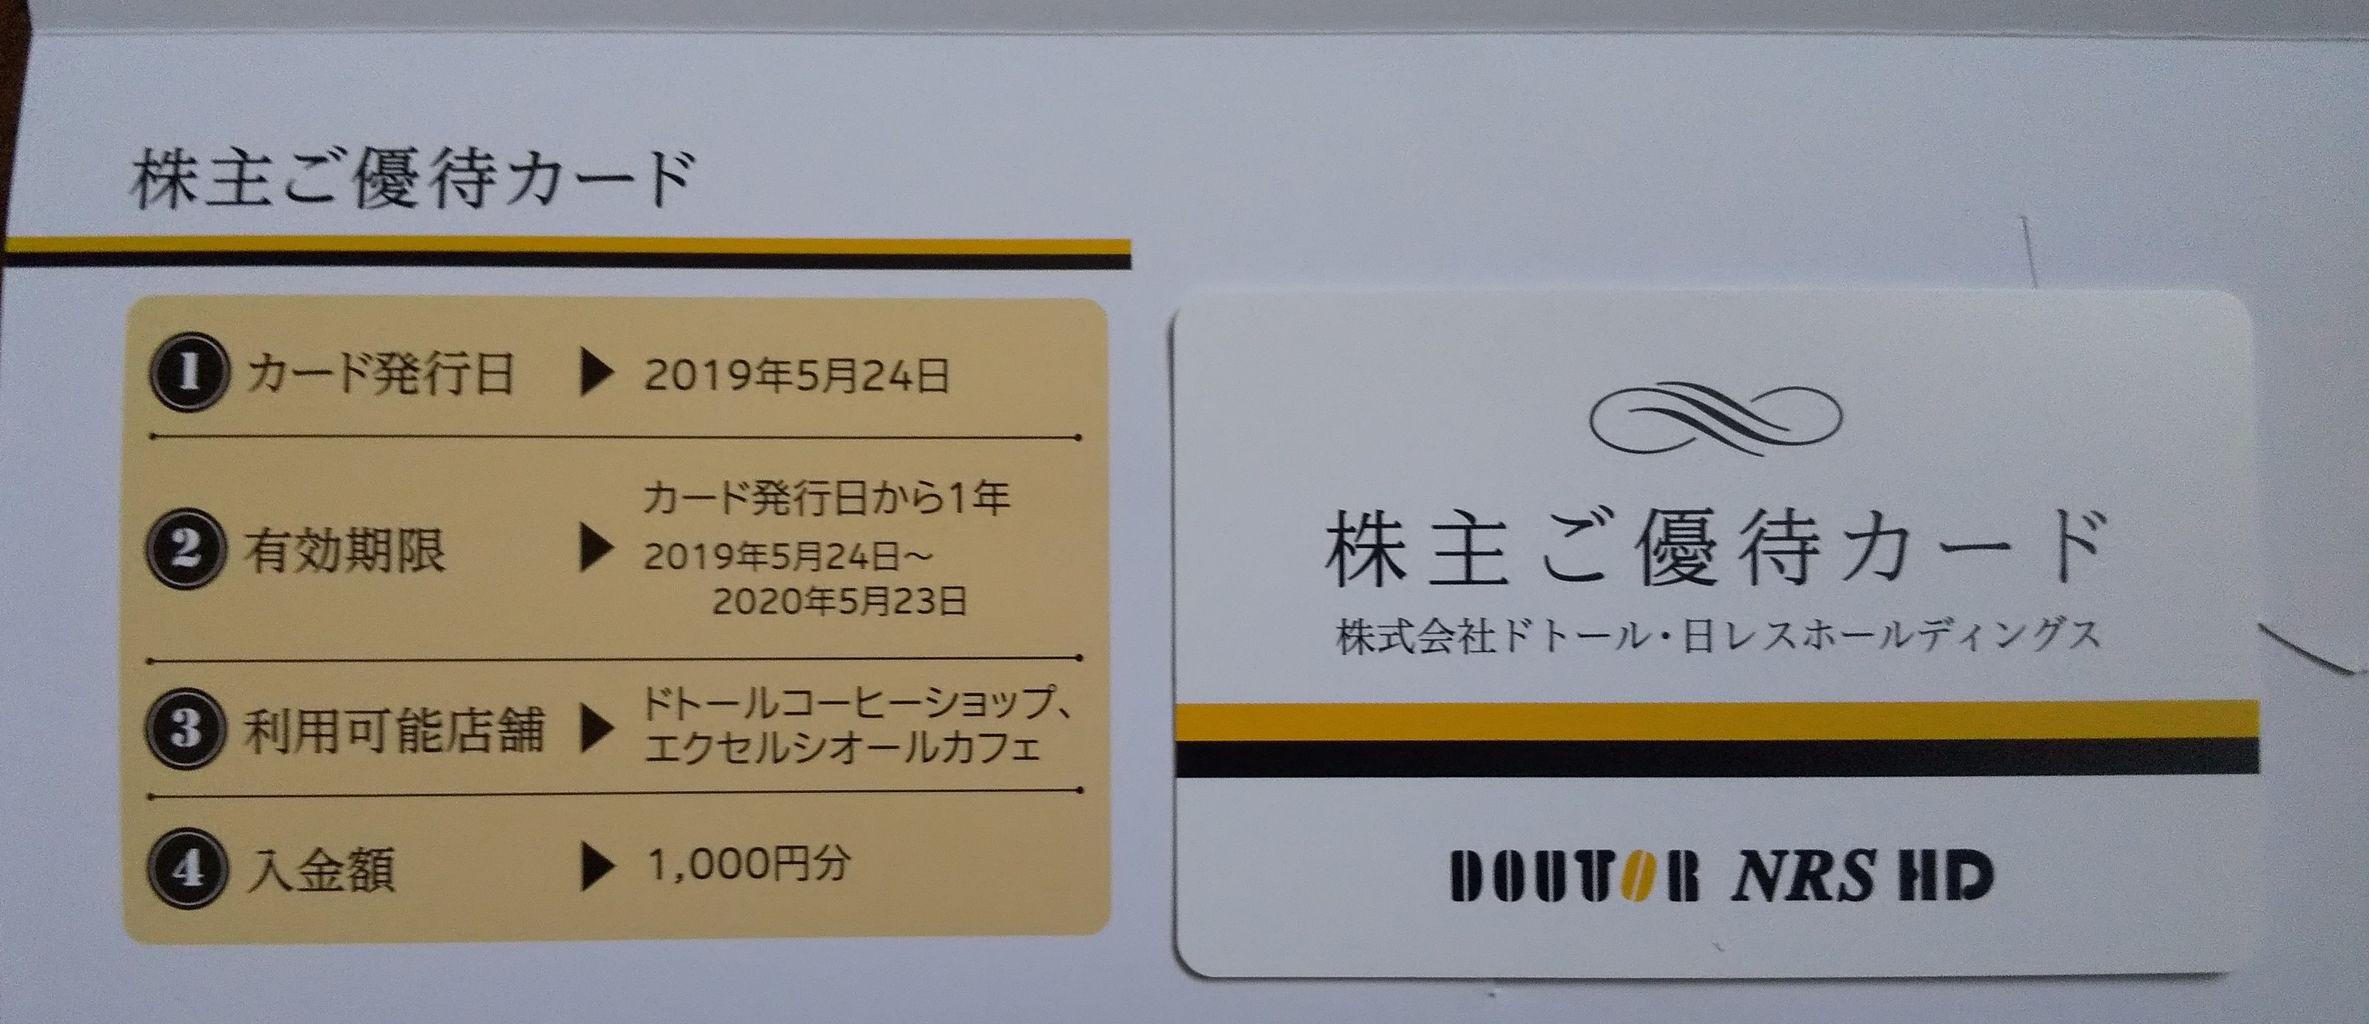 株主 優待 サイト コロワイド